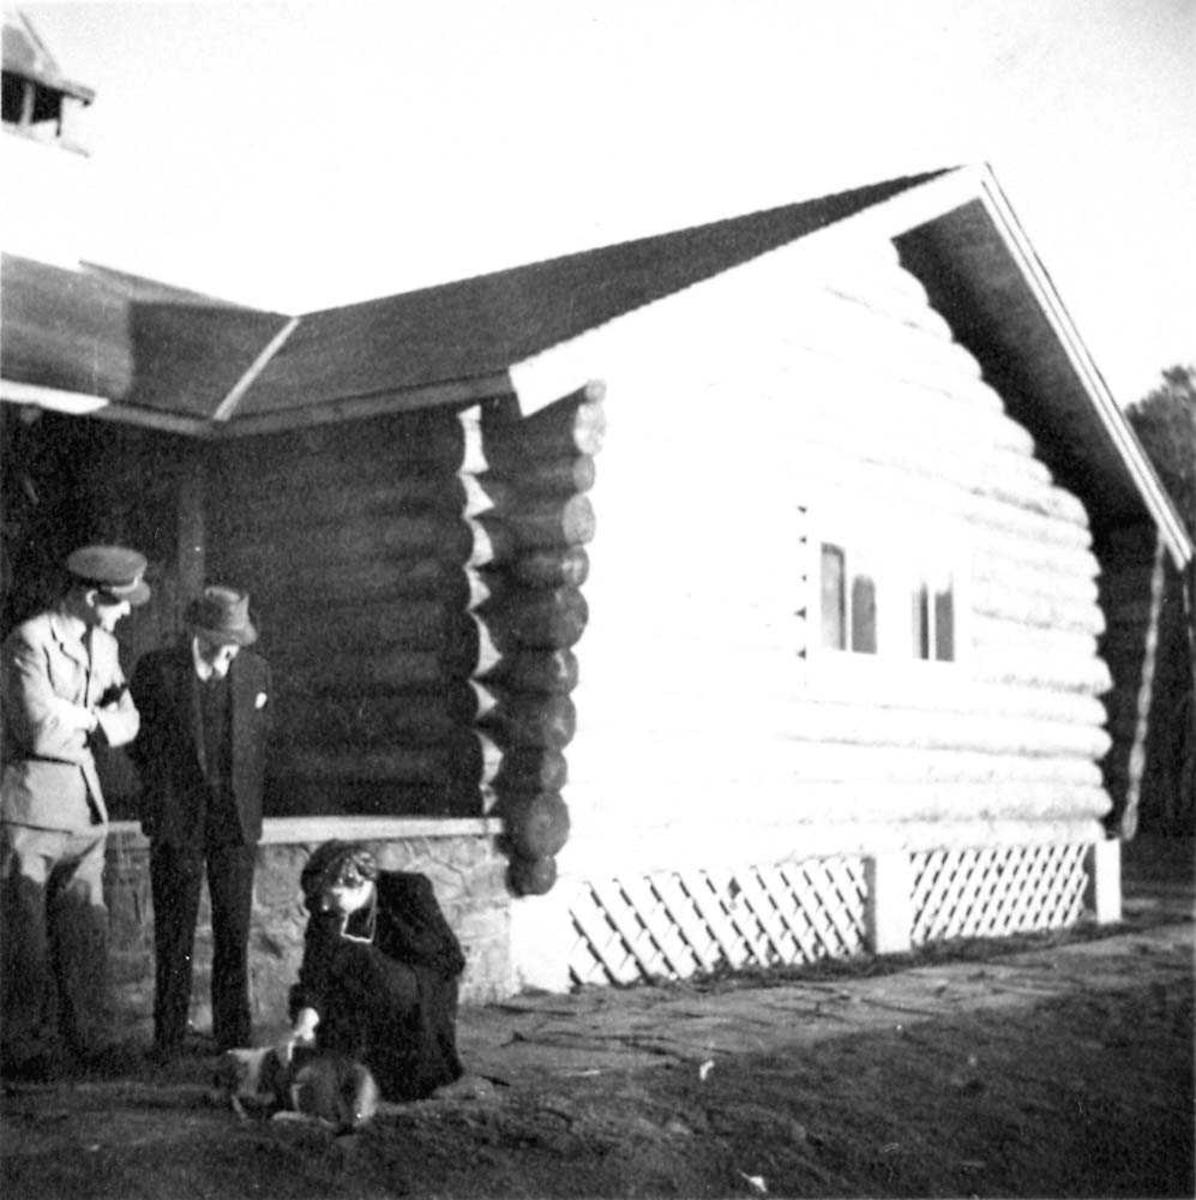 Portrett. Tre personer, to menn og en kvinne foran en bygning. Kvinnen klapper en hund.